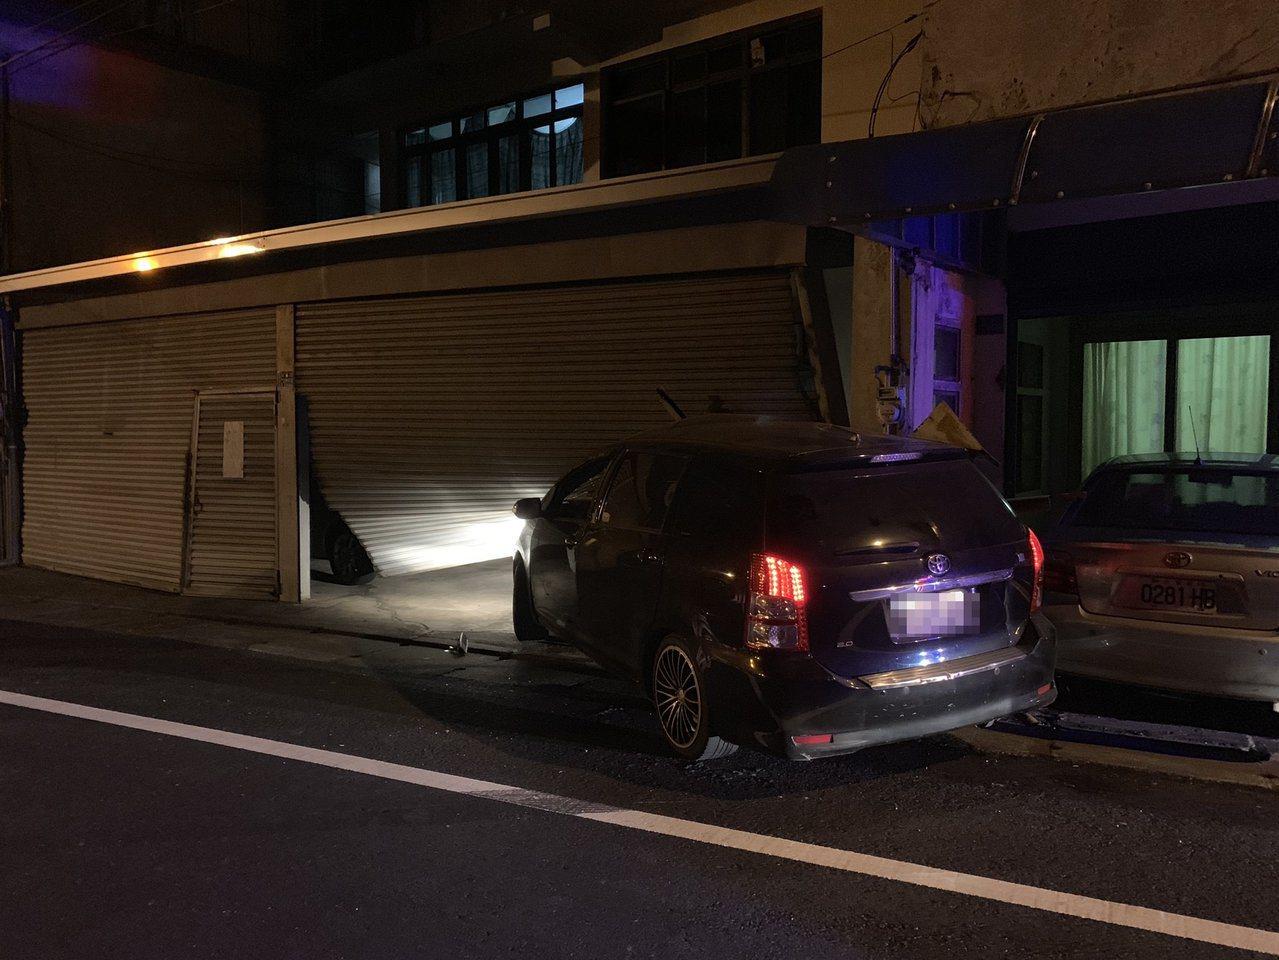 苗栗縣頭份市尖豐路晚間7點多發生車輛撞上路邊民宅的意外事故,車內一對男女受傷,男...